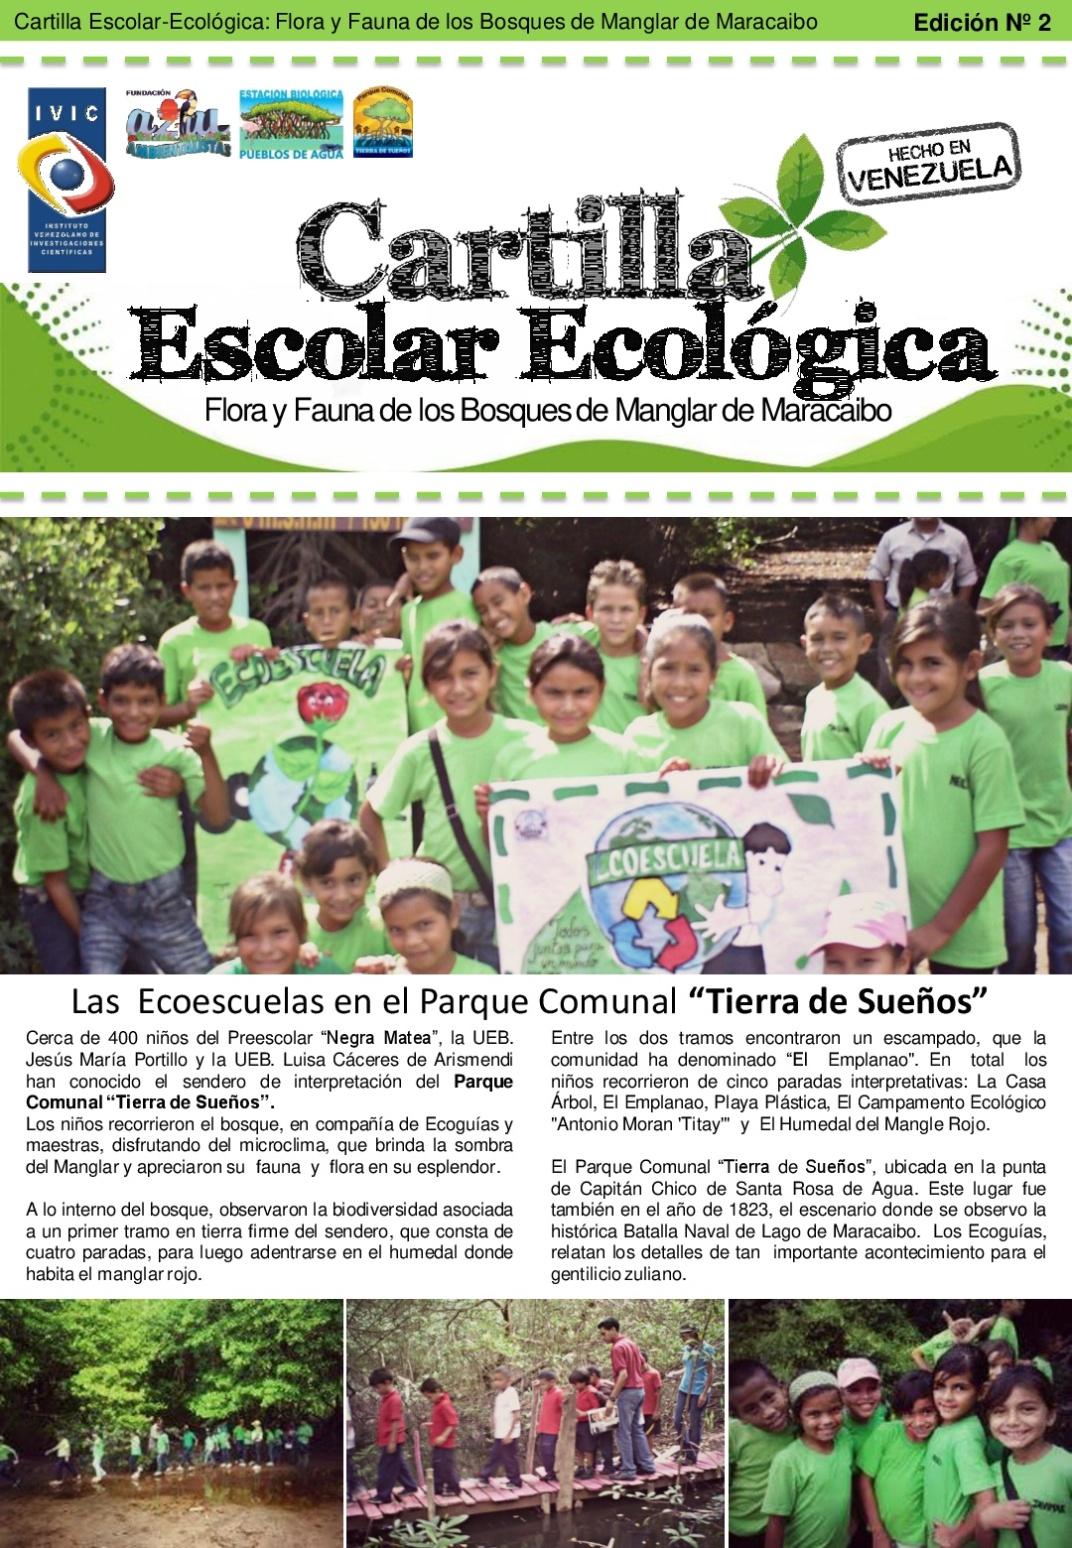 cartilla-escolar-ecologica-edicion-02-001